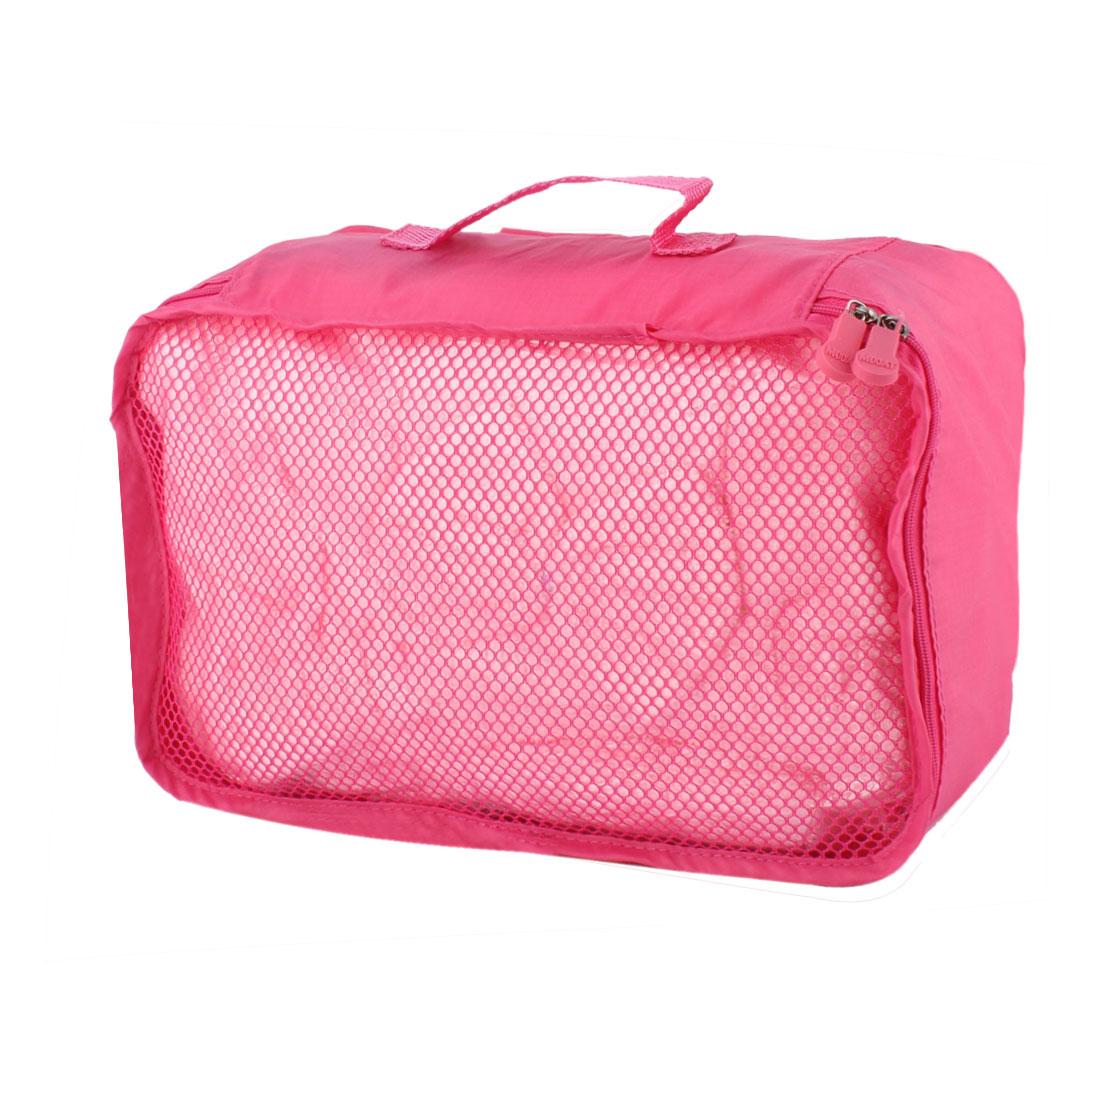 Fuchsia Portable Folding Underwear Bra Sock Clothes Organizer Storage Pouch Bag Handbag 27cm x 18cm x 12cm